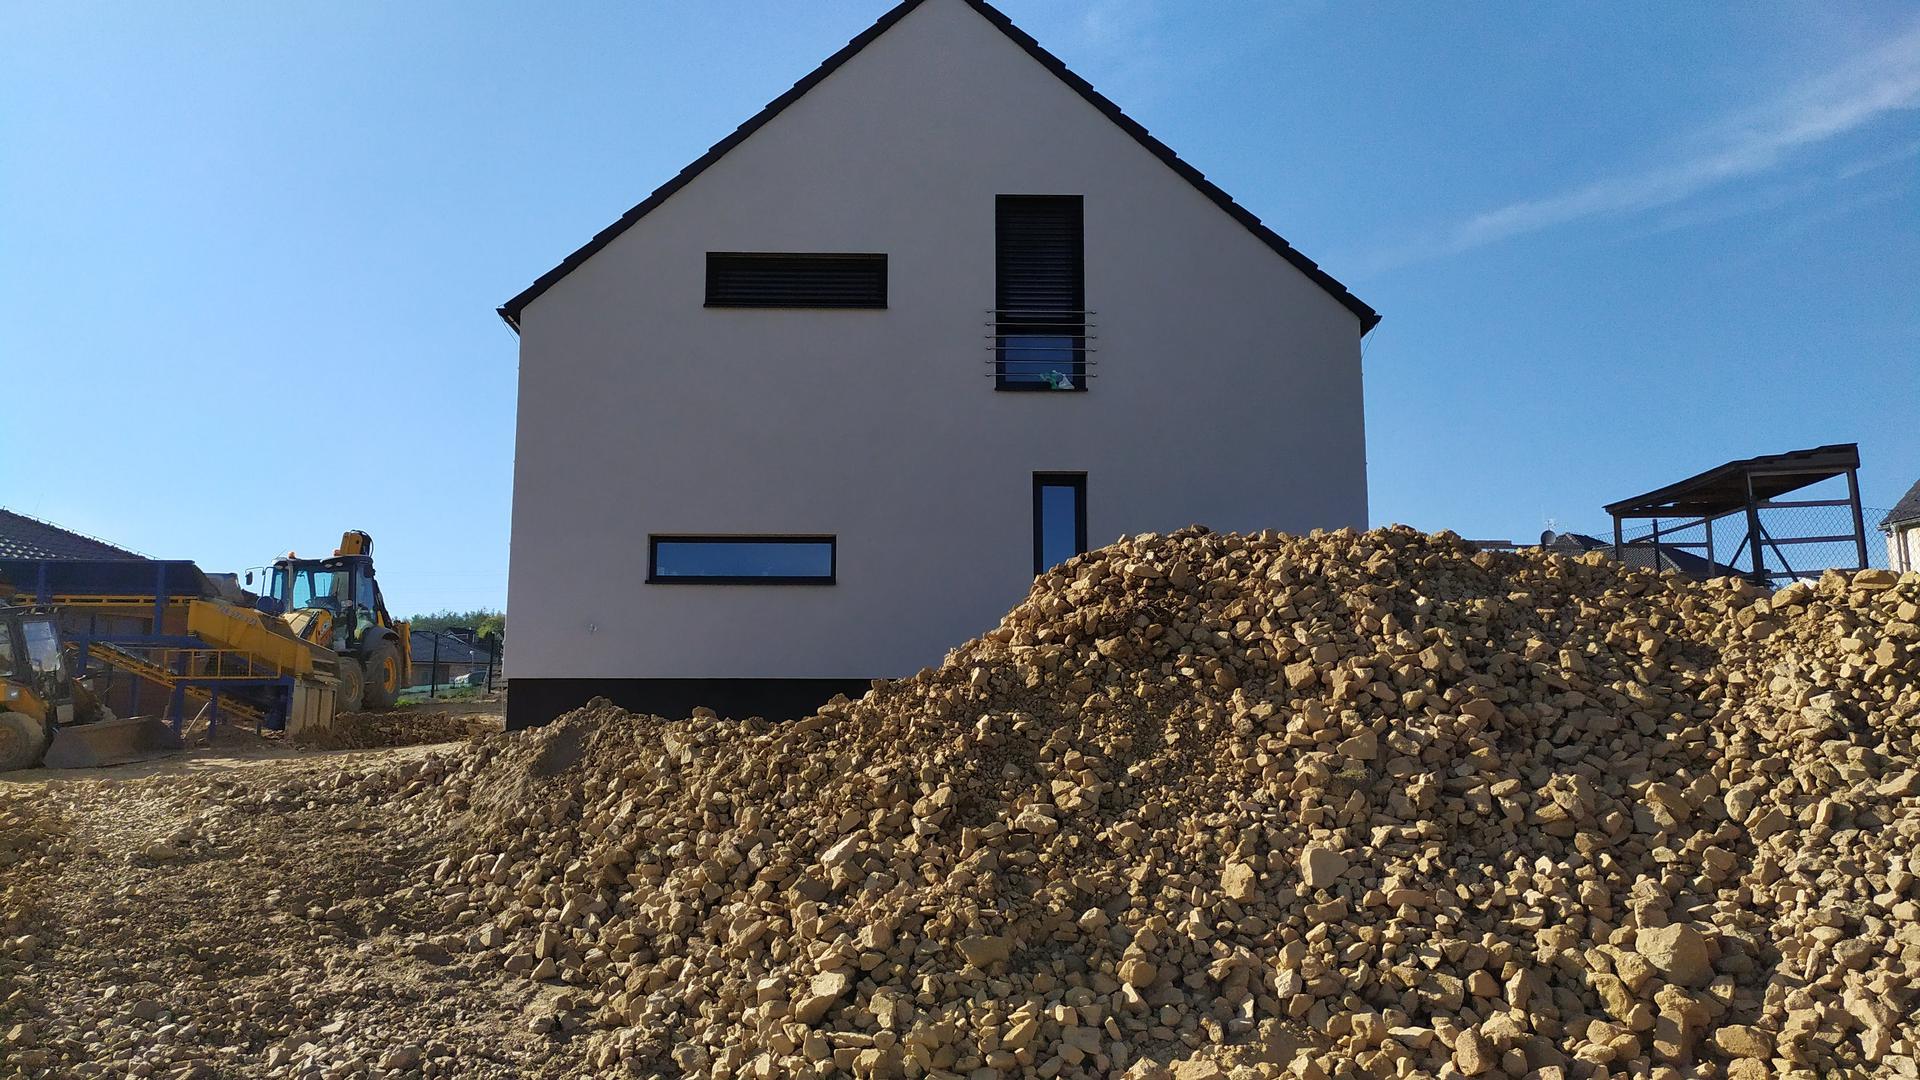 Náš domov ve svahu - Terénní úpravy v plném proudu. Třídíme výkopovou zeminu na kamení a na hlínu. 300 kubíků...je toho dost. Místo plotu máme hradby :D